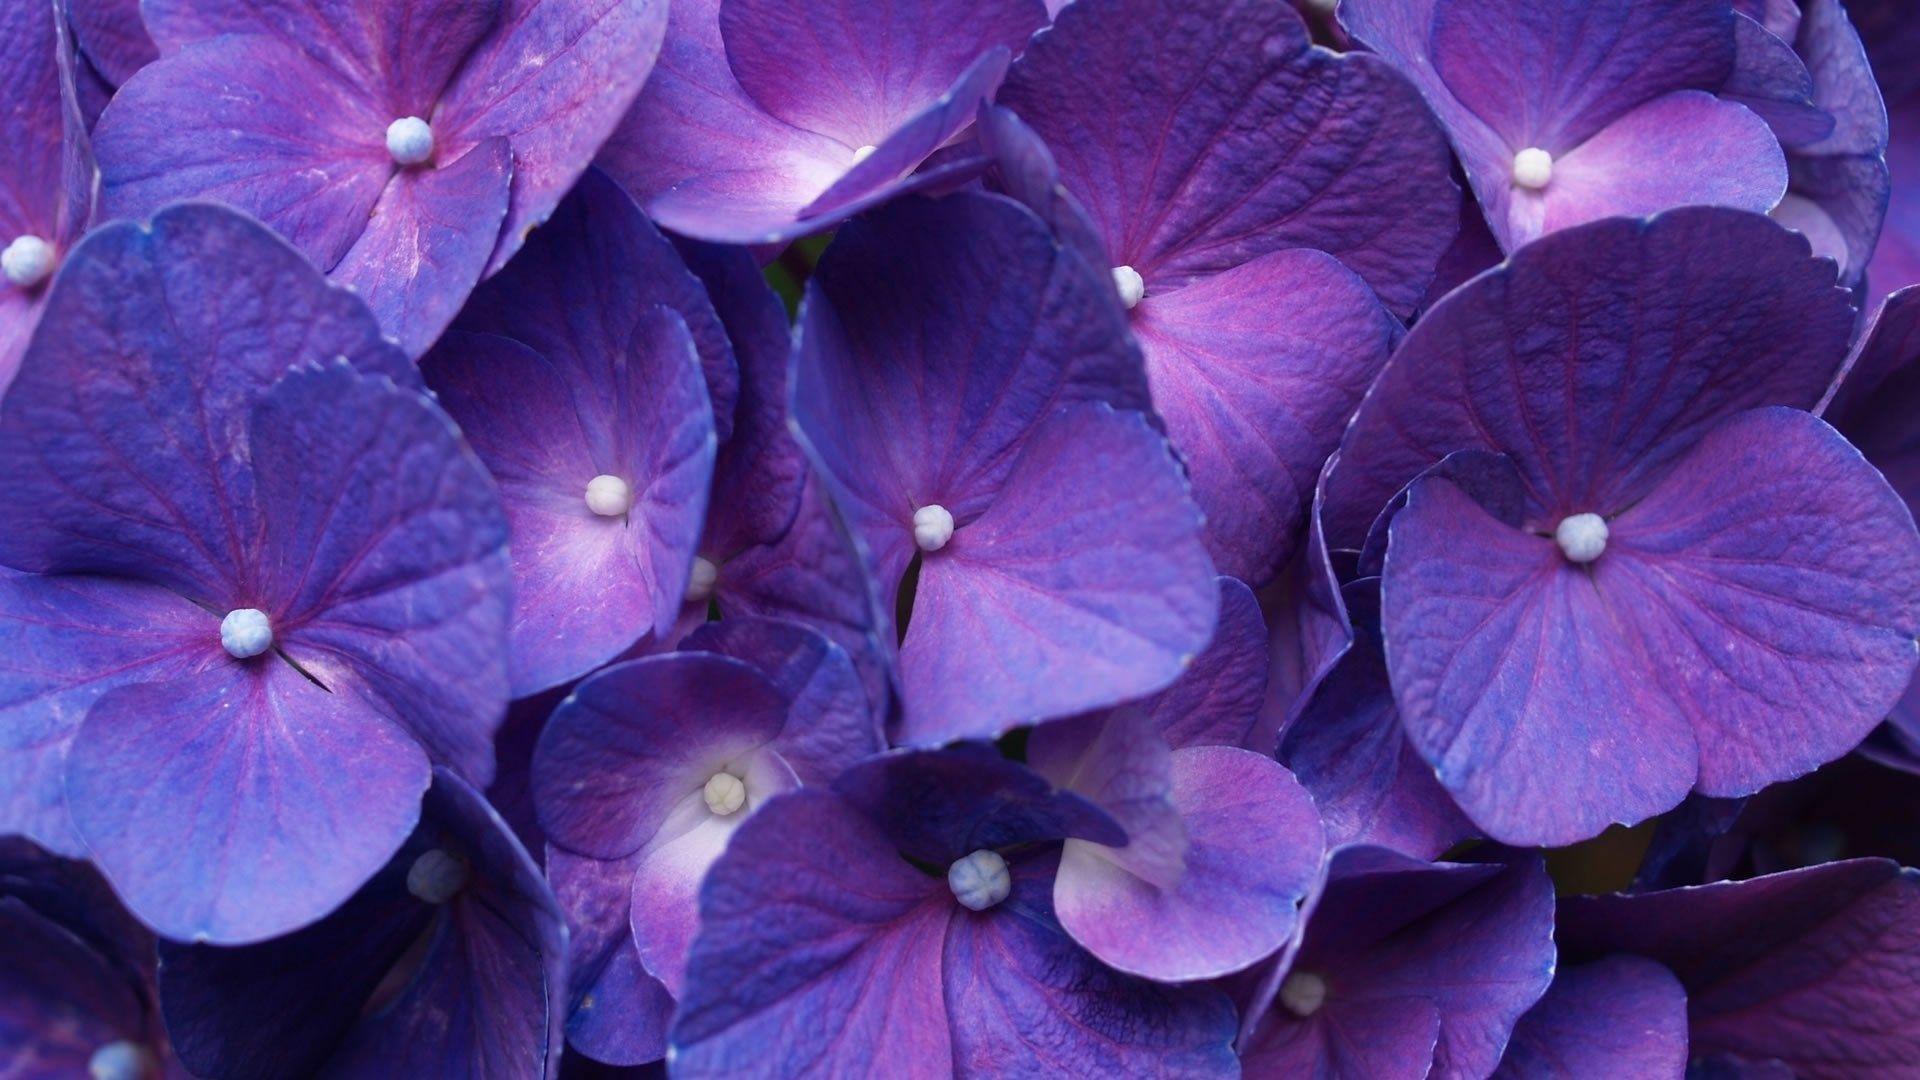 purple flower backgrounds